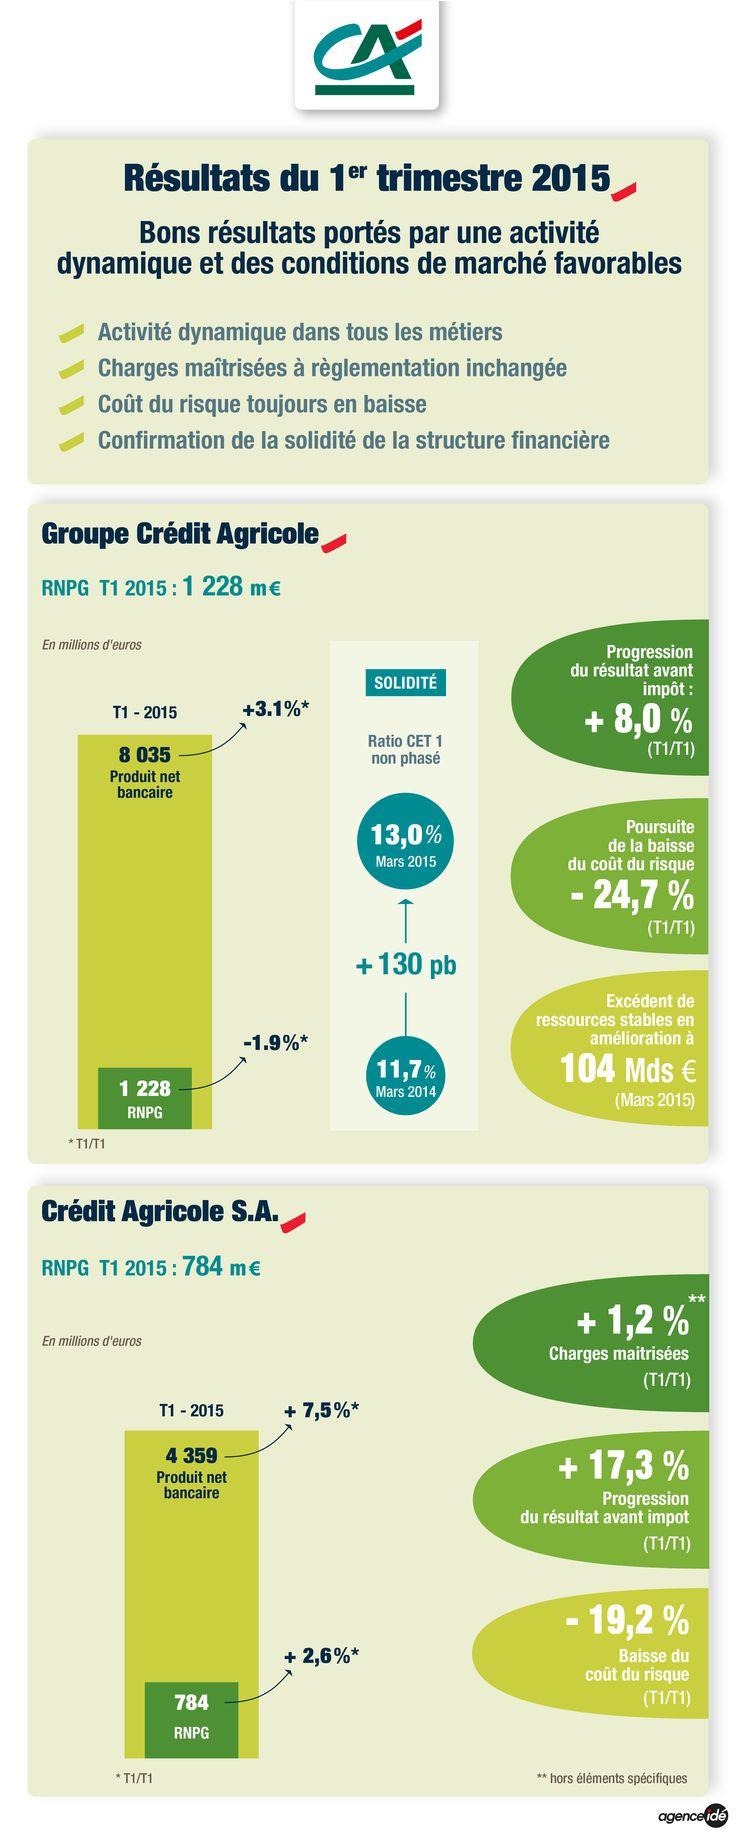 Résultats du troisième trimestre et des neufs premiers mois 2015 du groupe Crédit Agricole